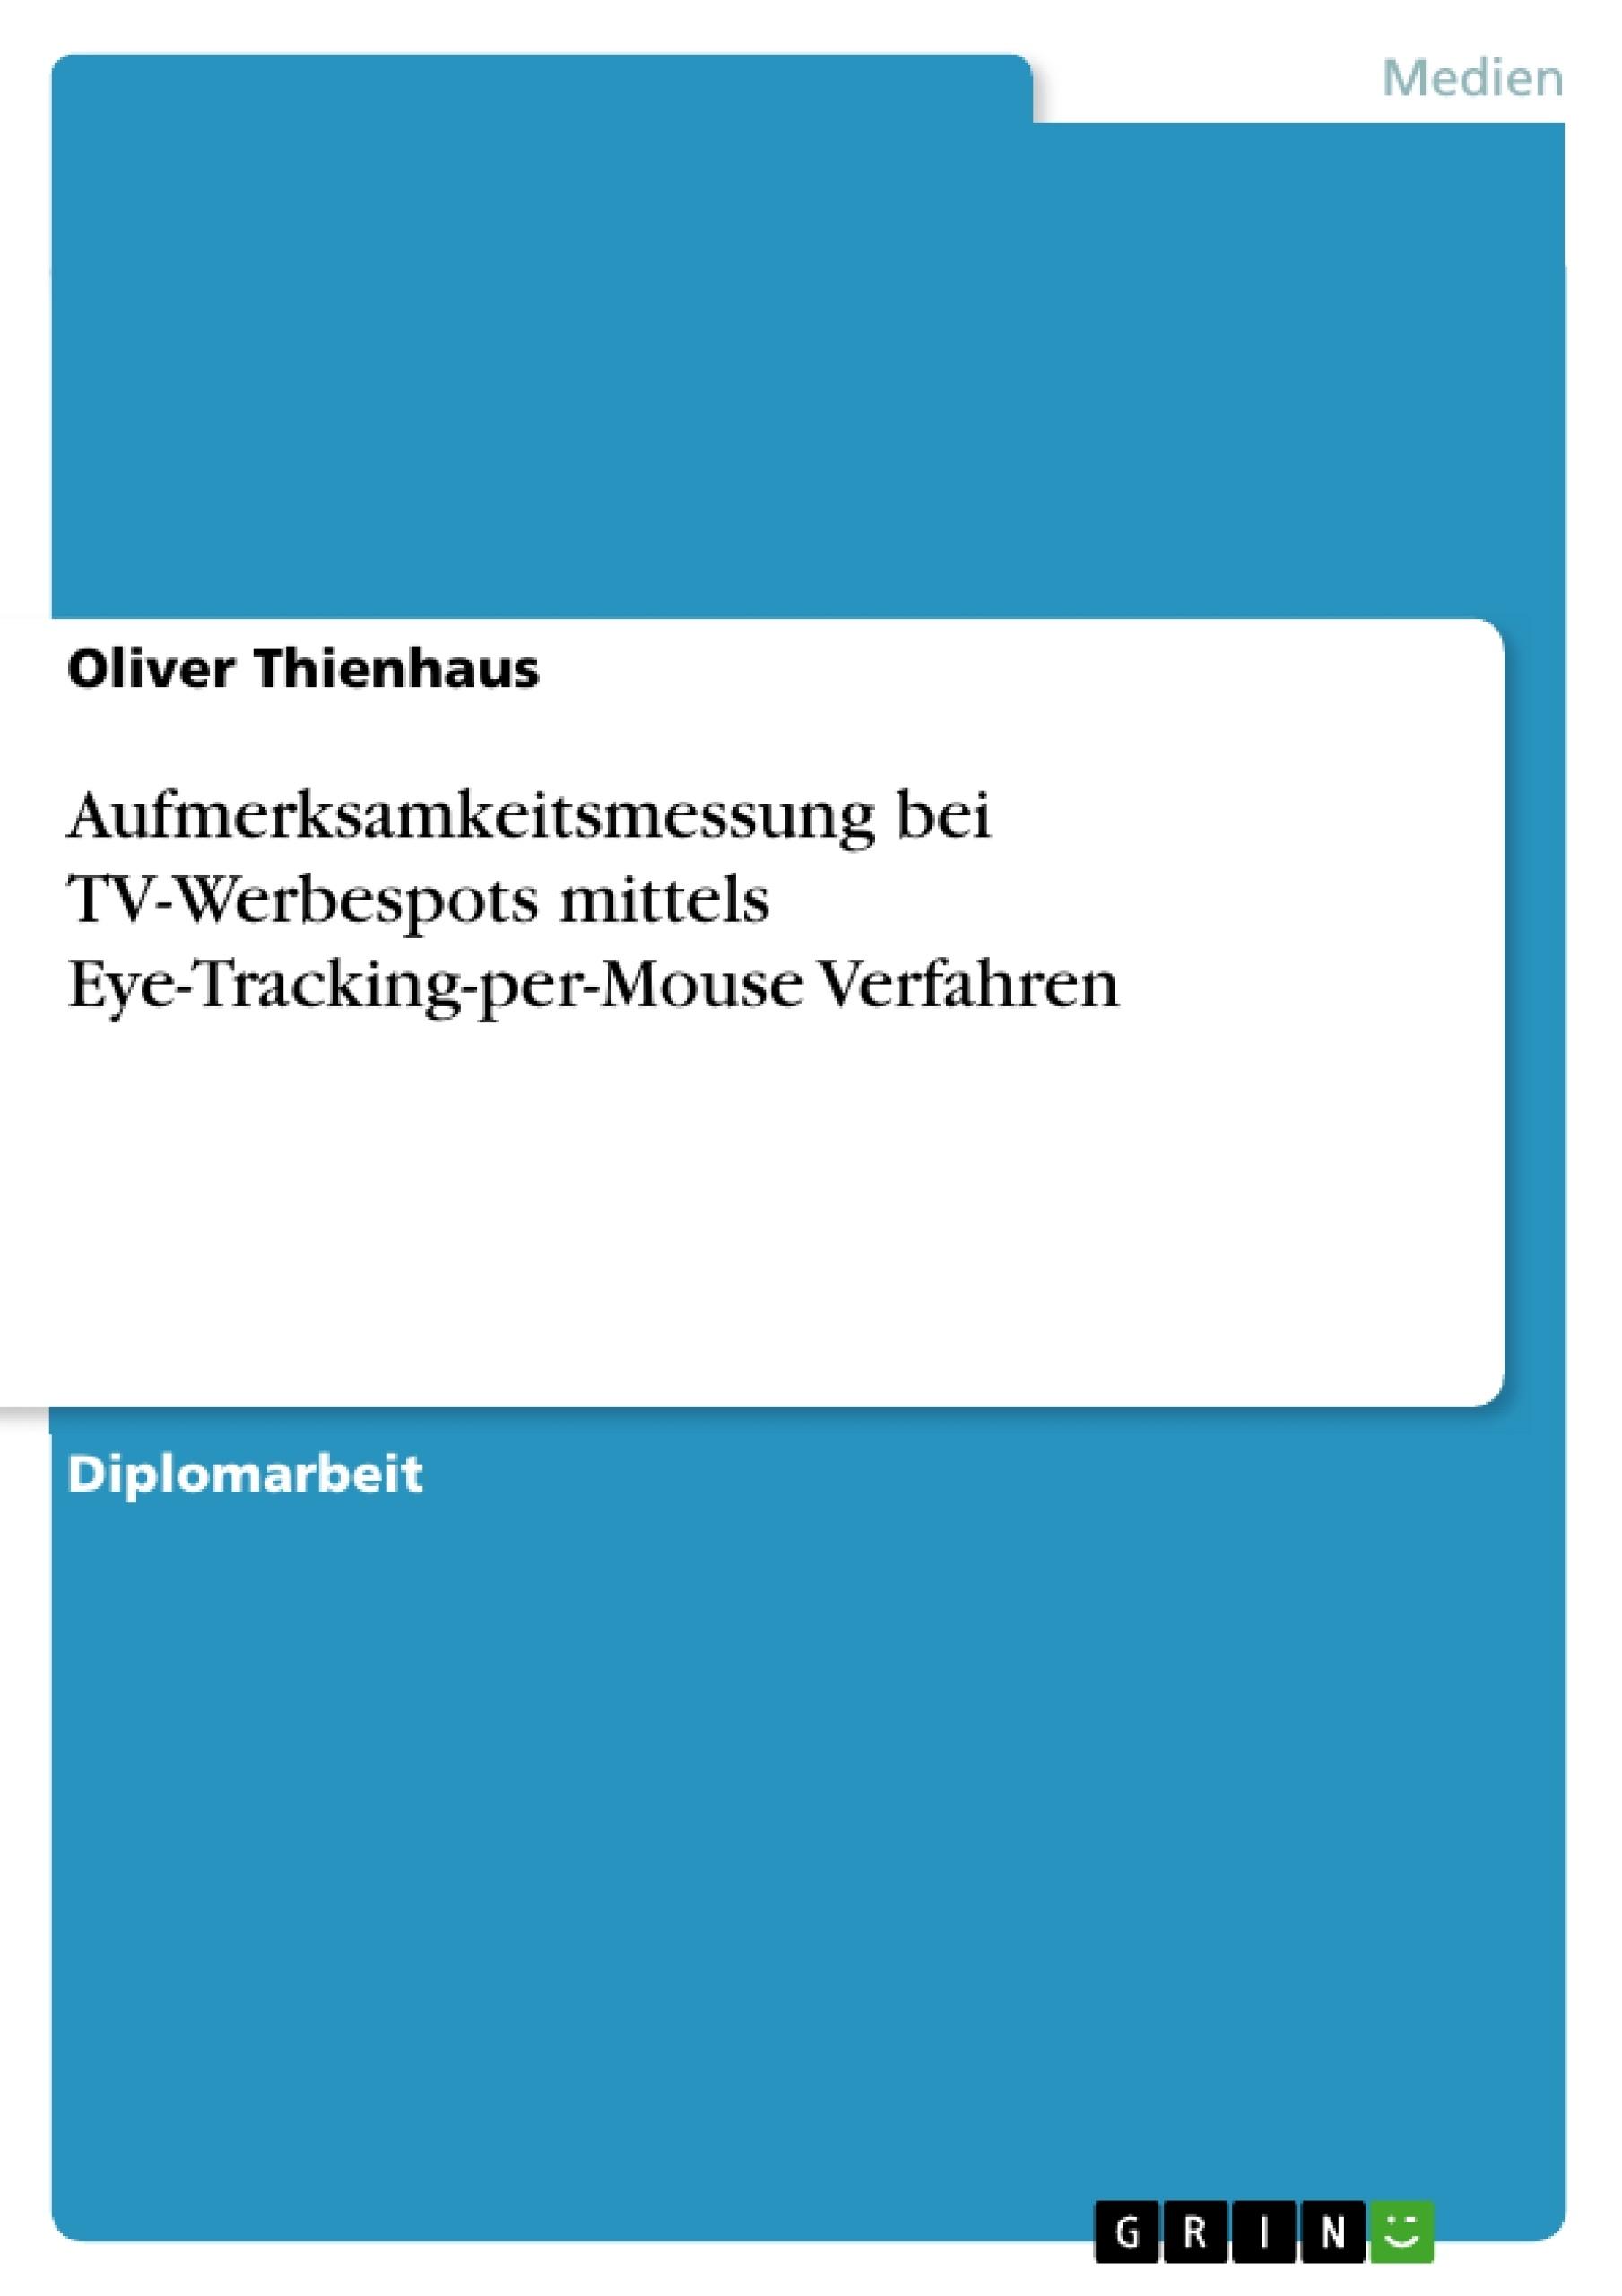 Titel: Aufmerksamkeitsmessung bei TV-Werbespots mittels Eye-Tracking-per-Mouse Verfahren